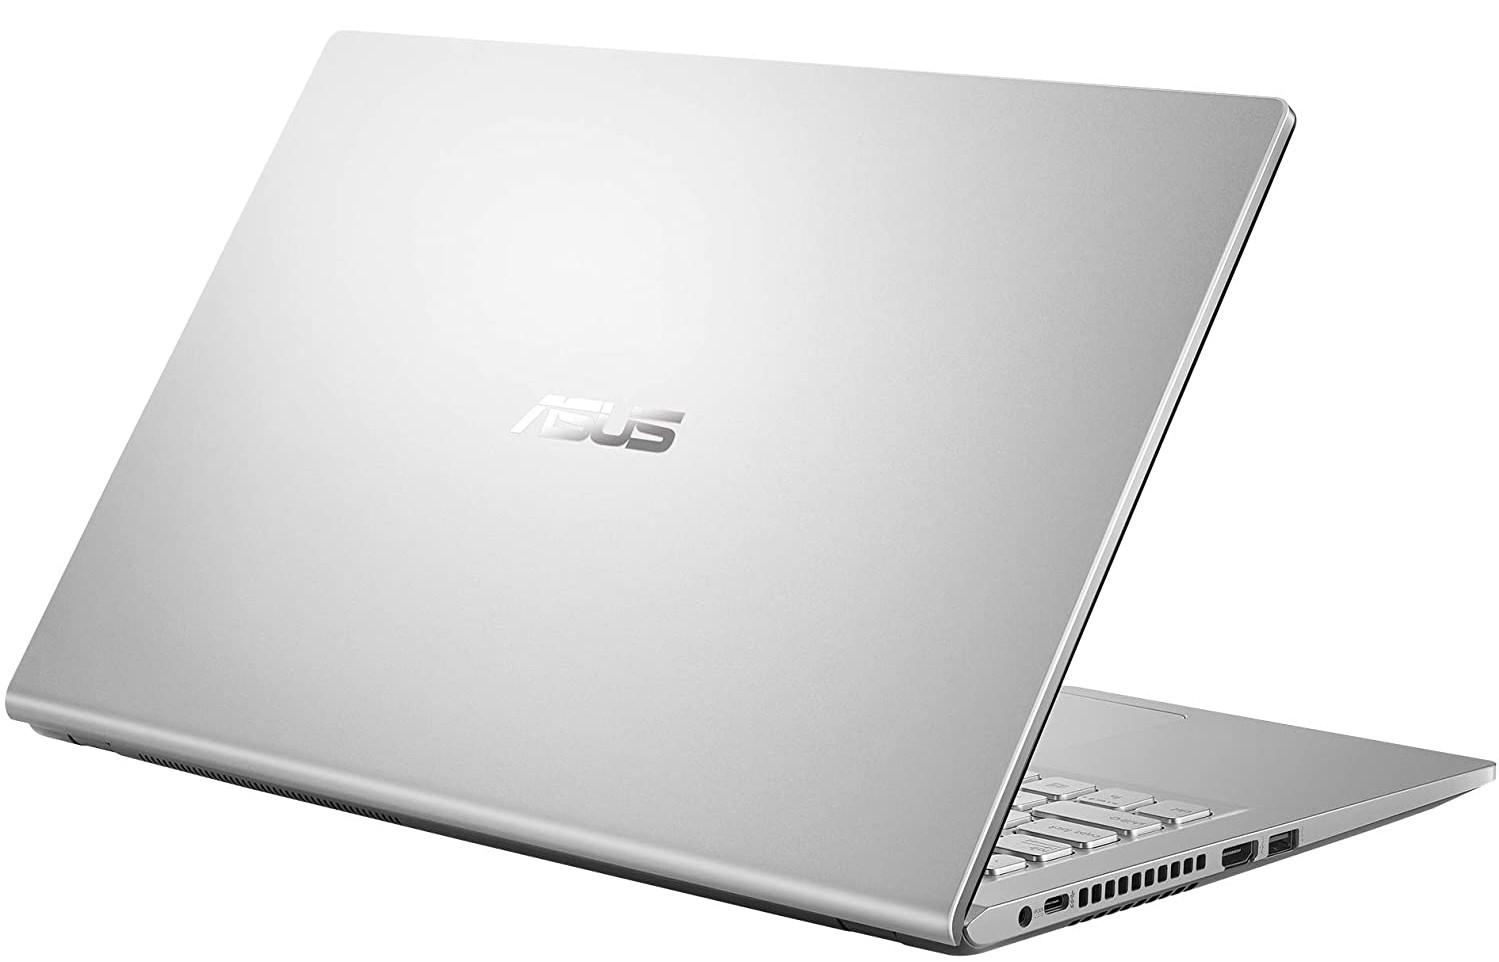 """Asus VivoBook, pantalla 15.6"""" FHD, Intel Core i3 décima generación, 8G RAM, 1TB HDD y 128GB SSD"""